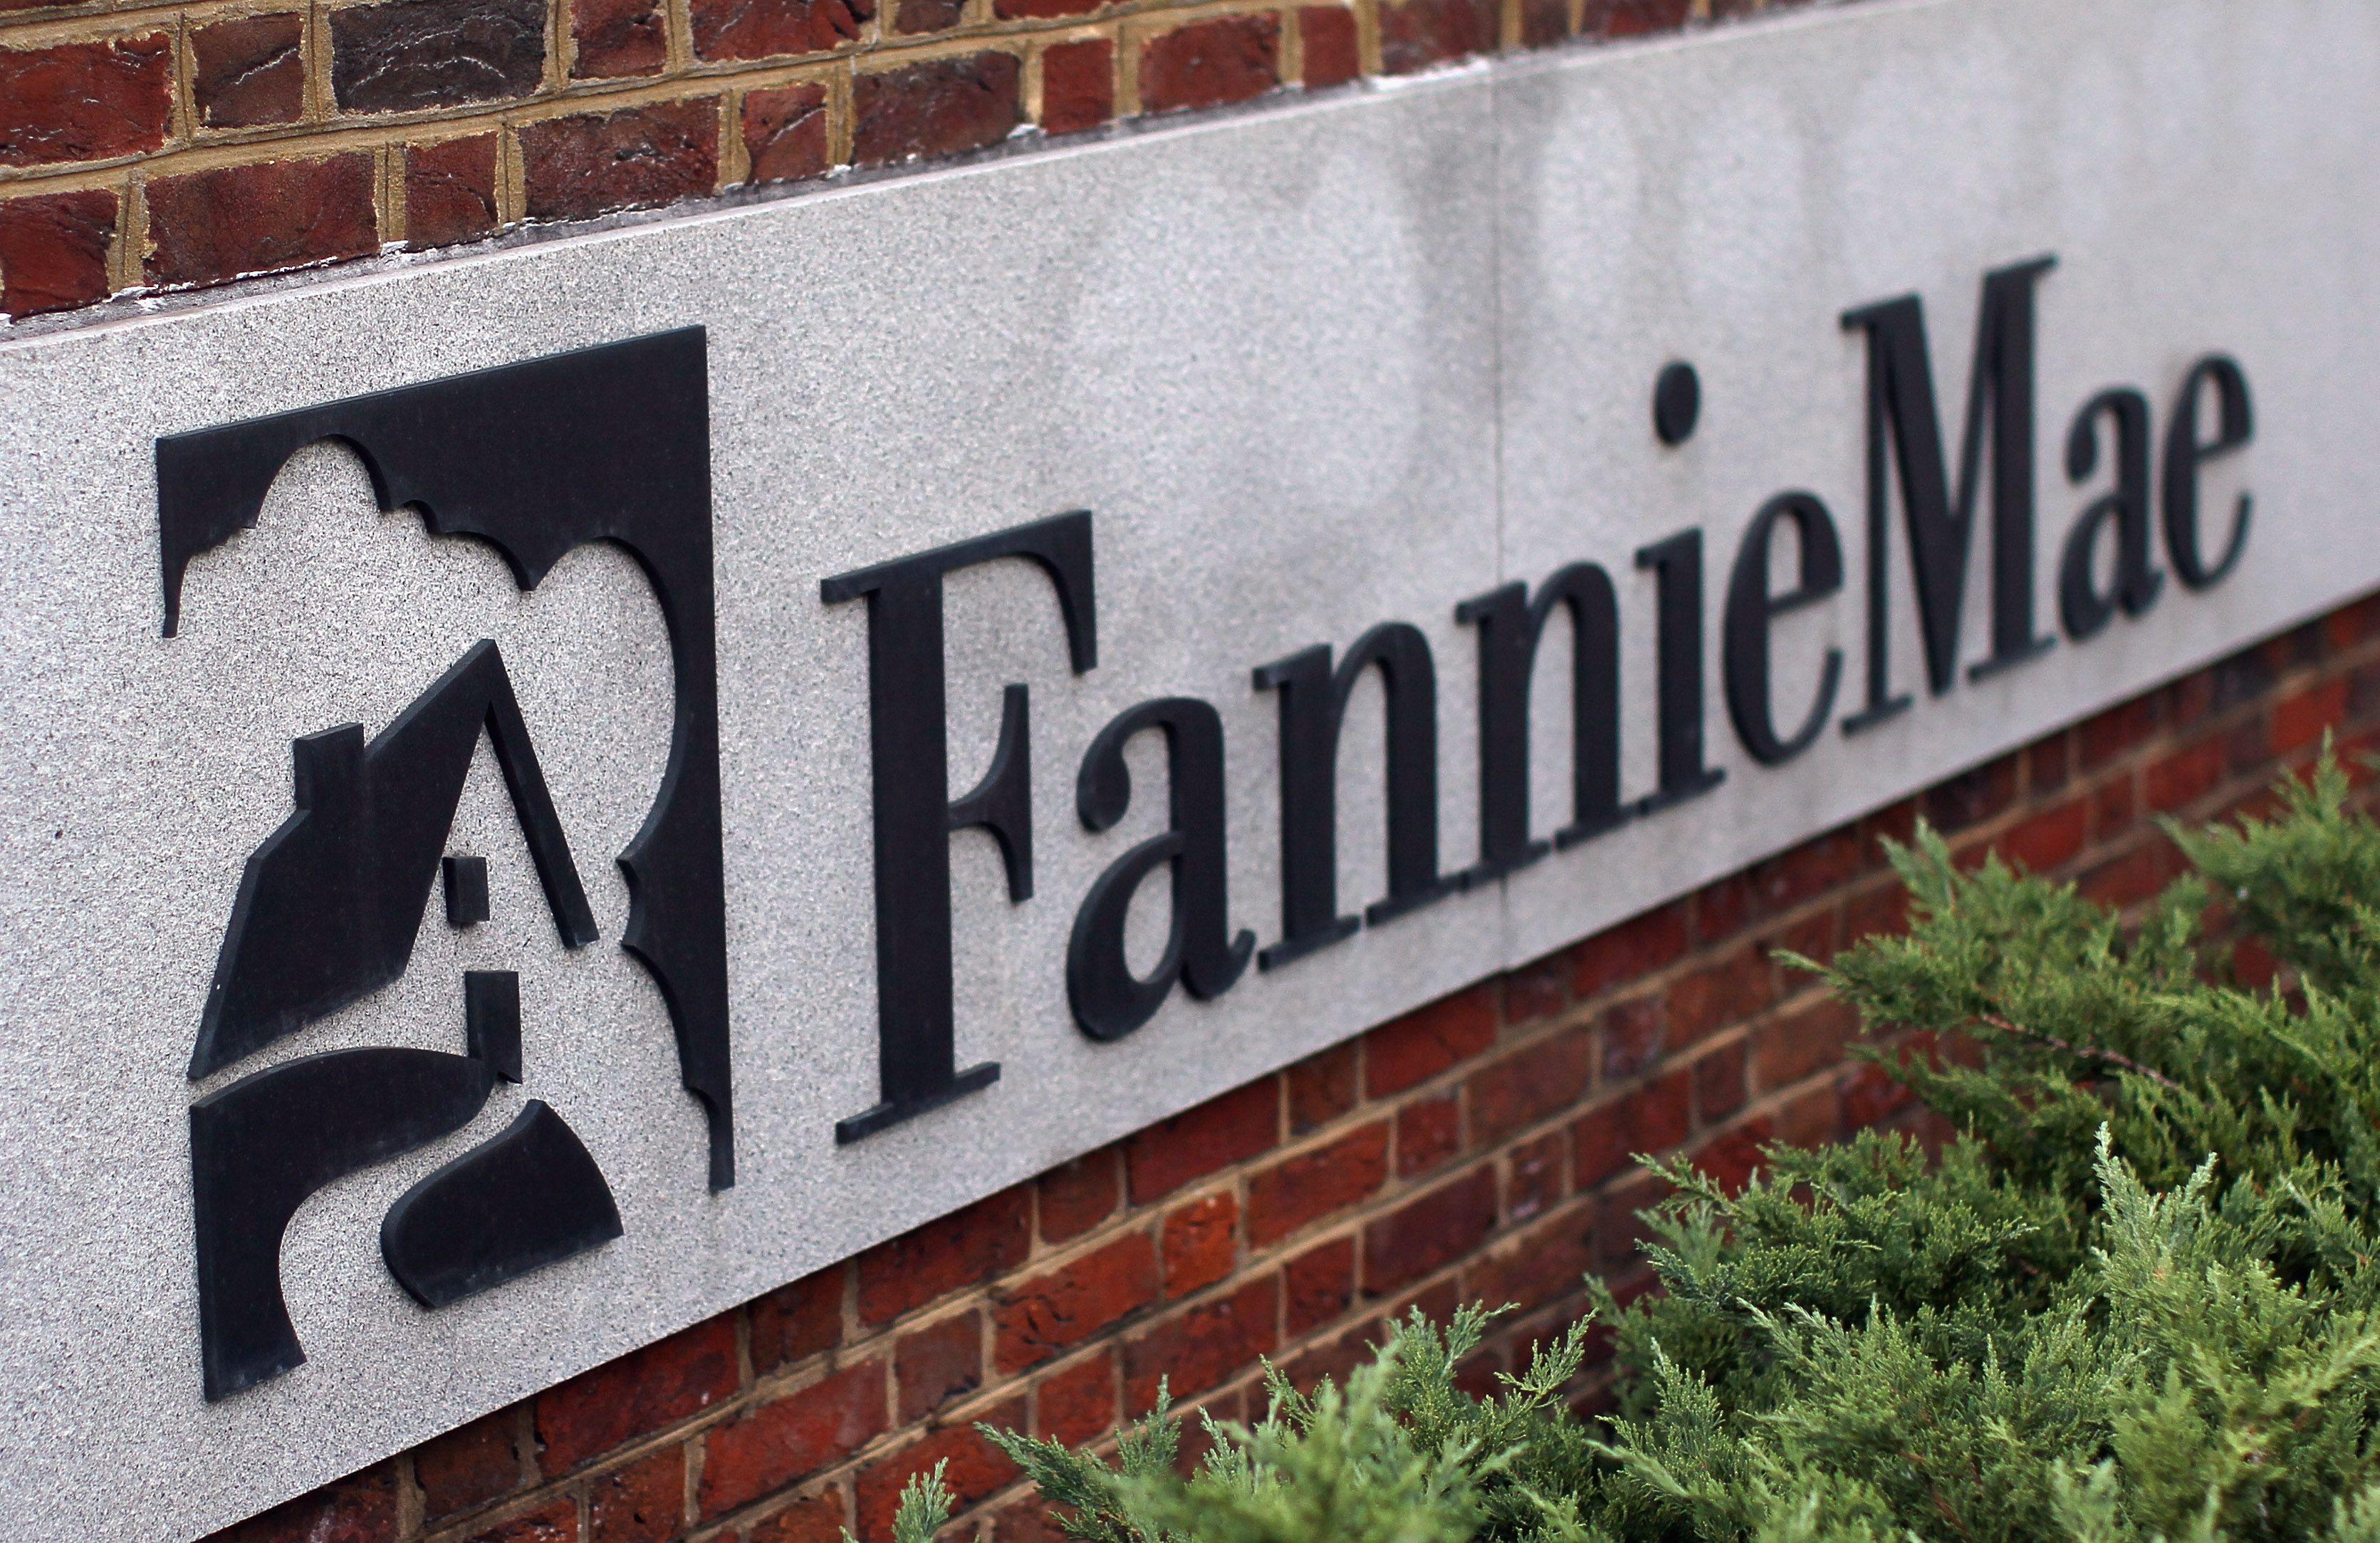 Fannie Mae sign on brick building